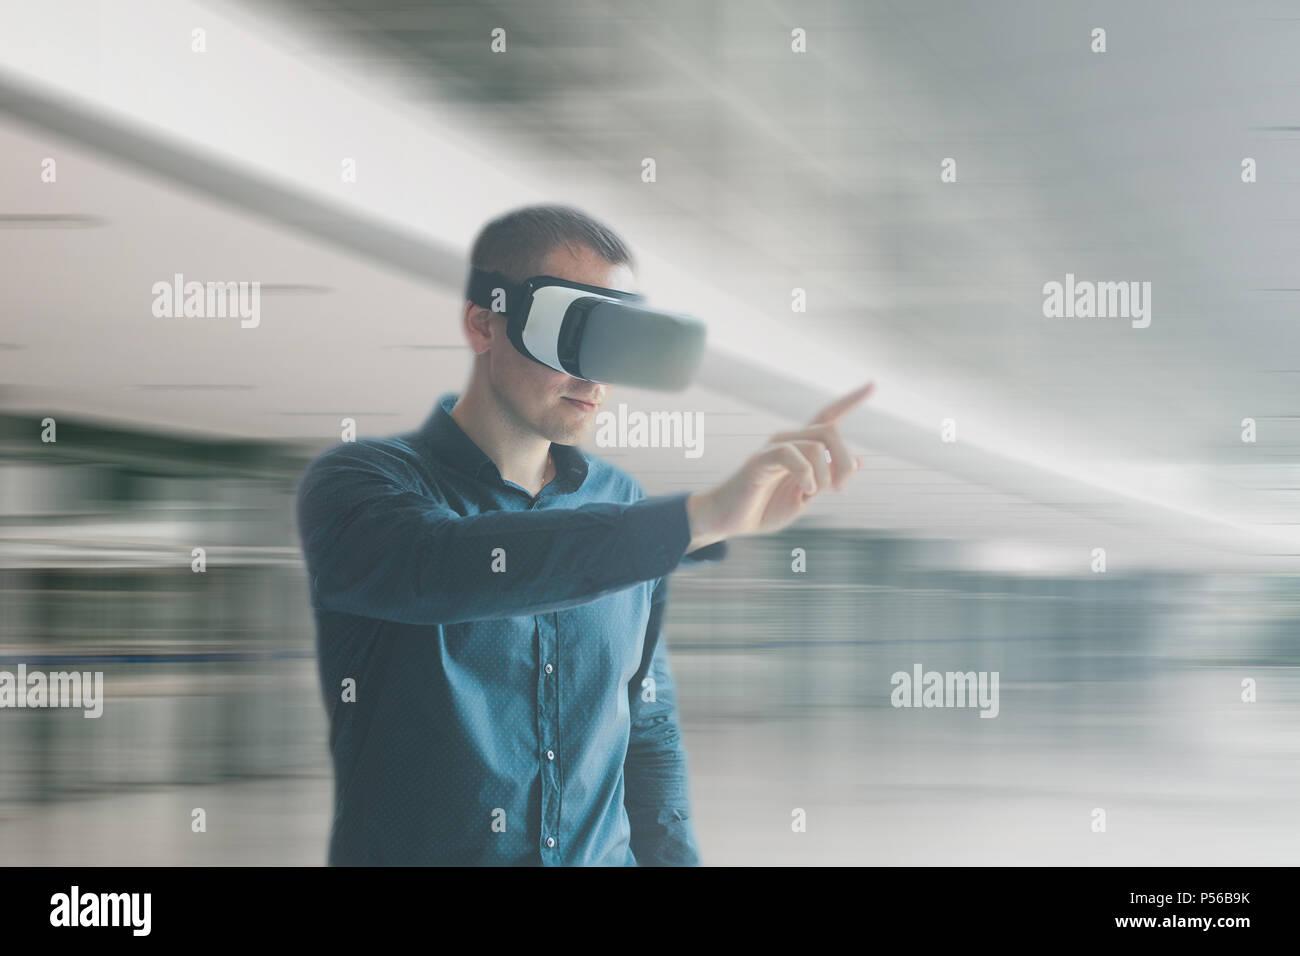 Un uomo in realtà virtuale occhiali. Tecnologia del presente e del futuro Immagini Stock